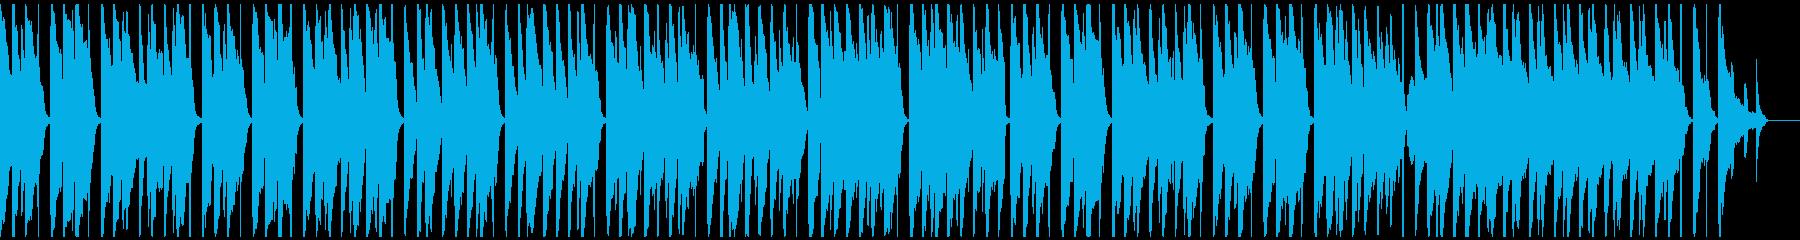 ワーグナー結婚行進曲ウクレレ&リコーダーの再生済みの波形